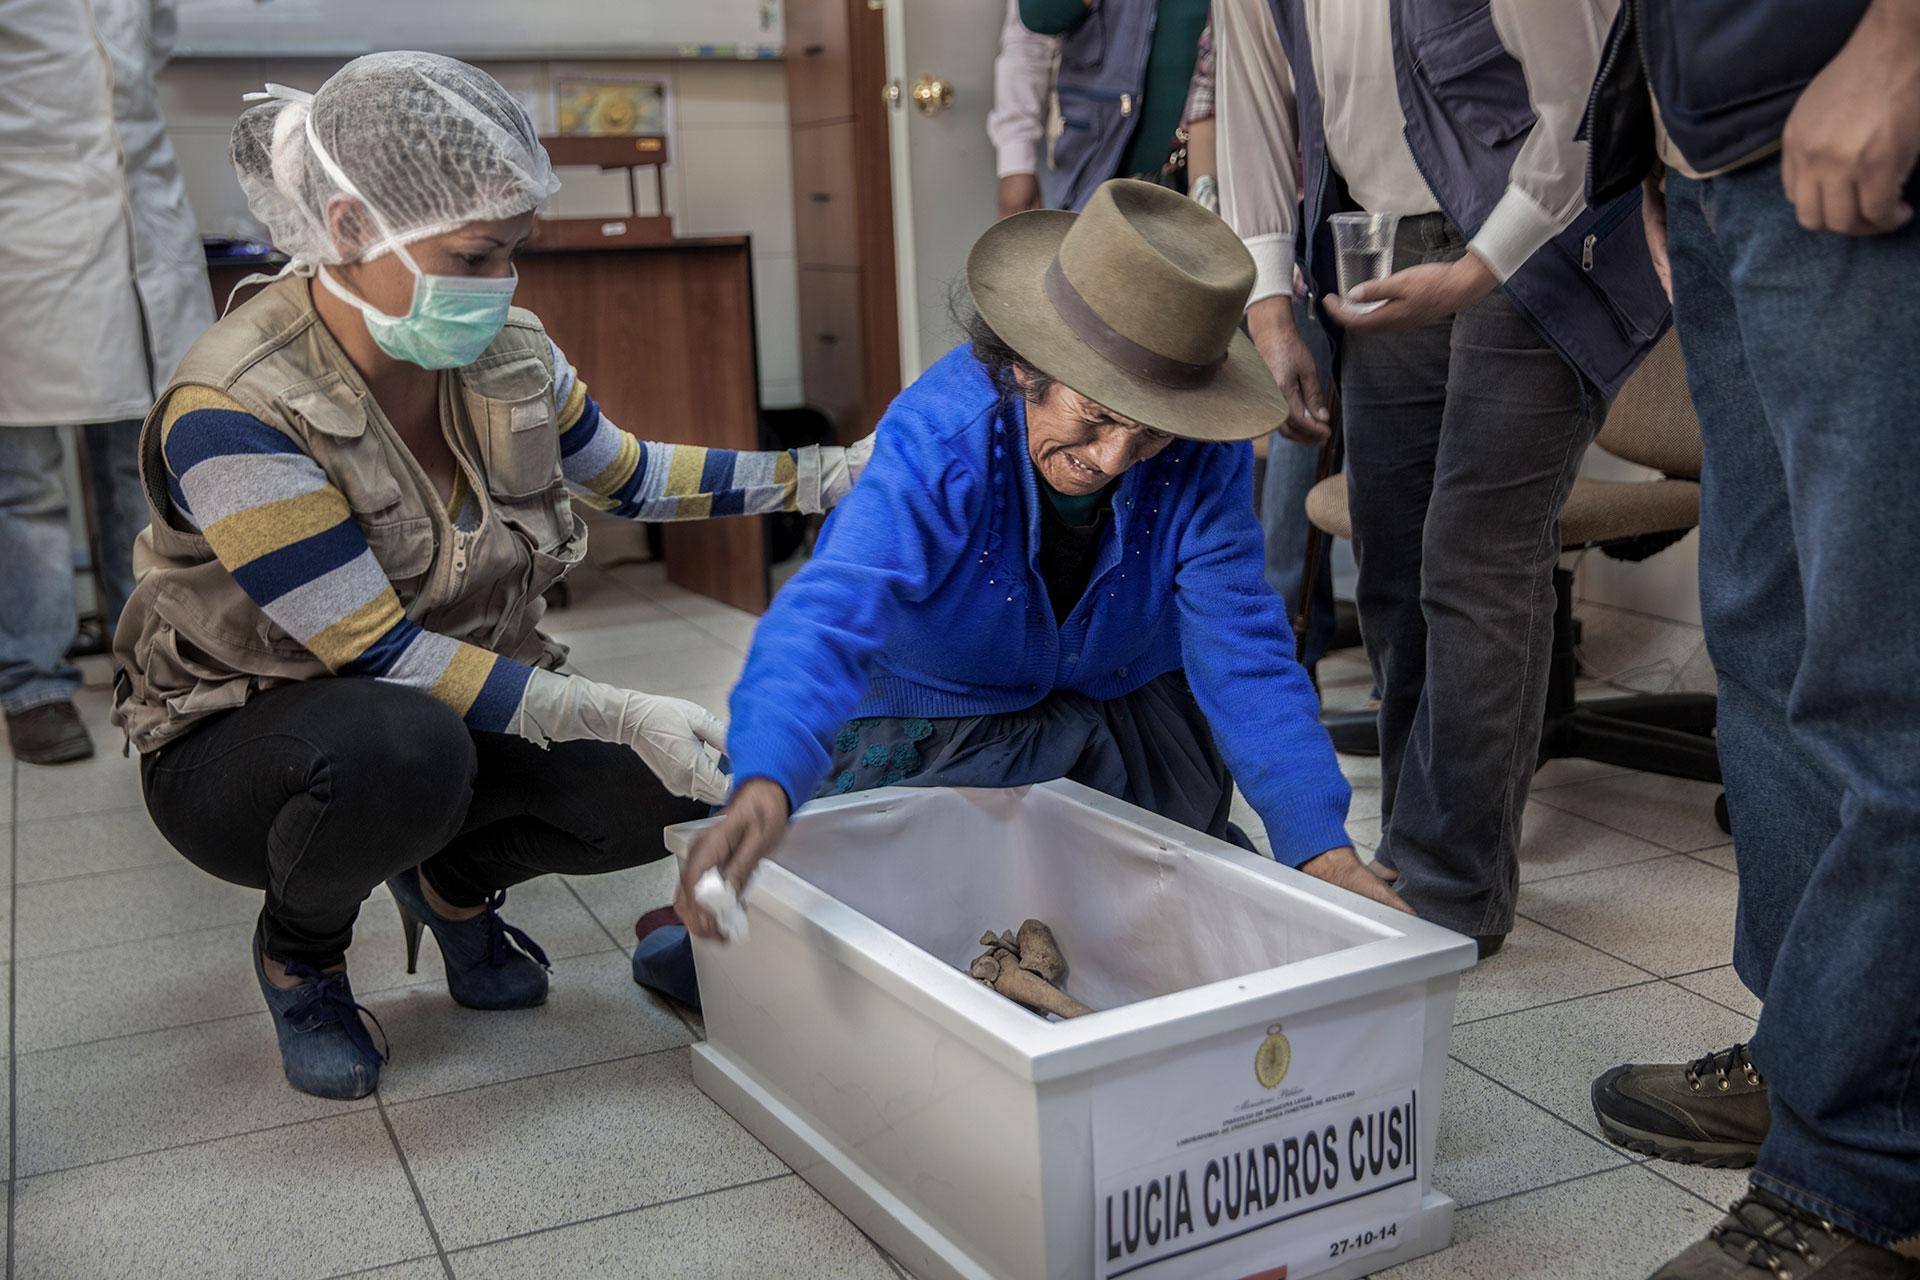 Angélica Cusi Díaz se quiebra cuando ve los restos (identificados en los laboratorios del EFE) de su hija Lucía Cuadros junto a su nieta, asesinadas por los terroristas. La joven solo tenía14 años cuando fue secuestrada y luego asesinada en 1984.